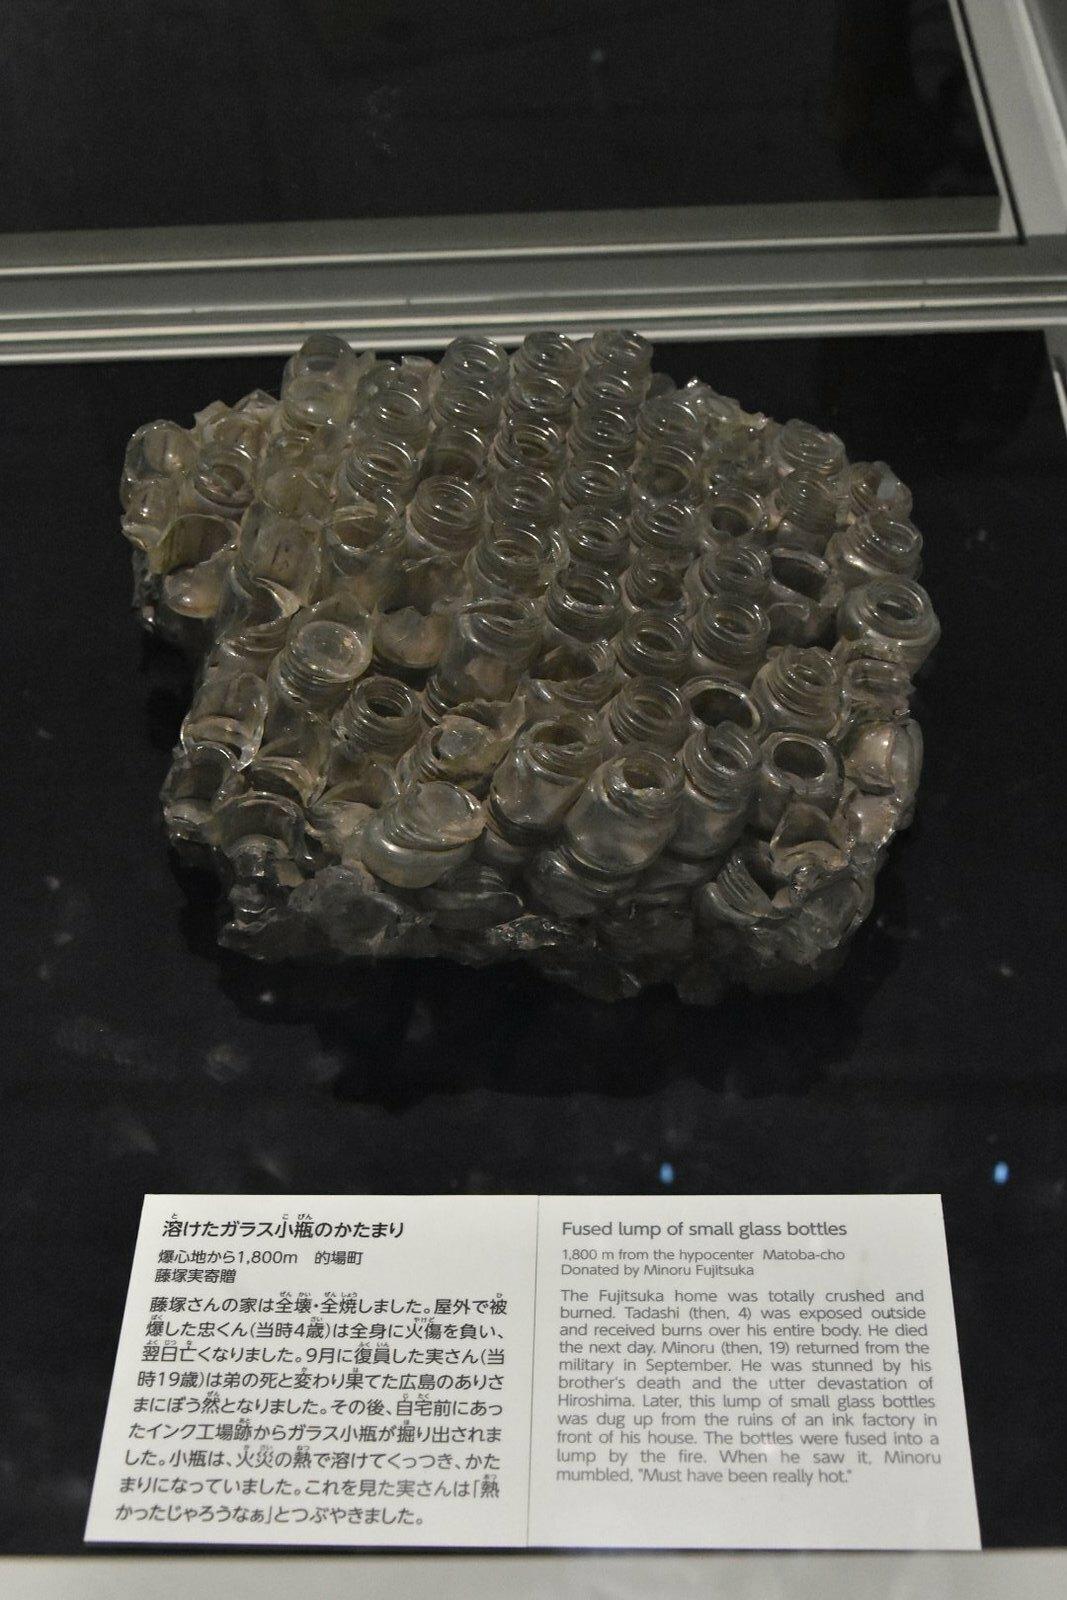 Hiroshima - Musée mémorial de la paix - petites bouteilles de verre fusionnées par la chaleur de l'explosion